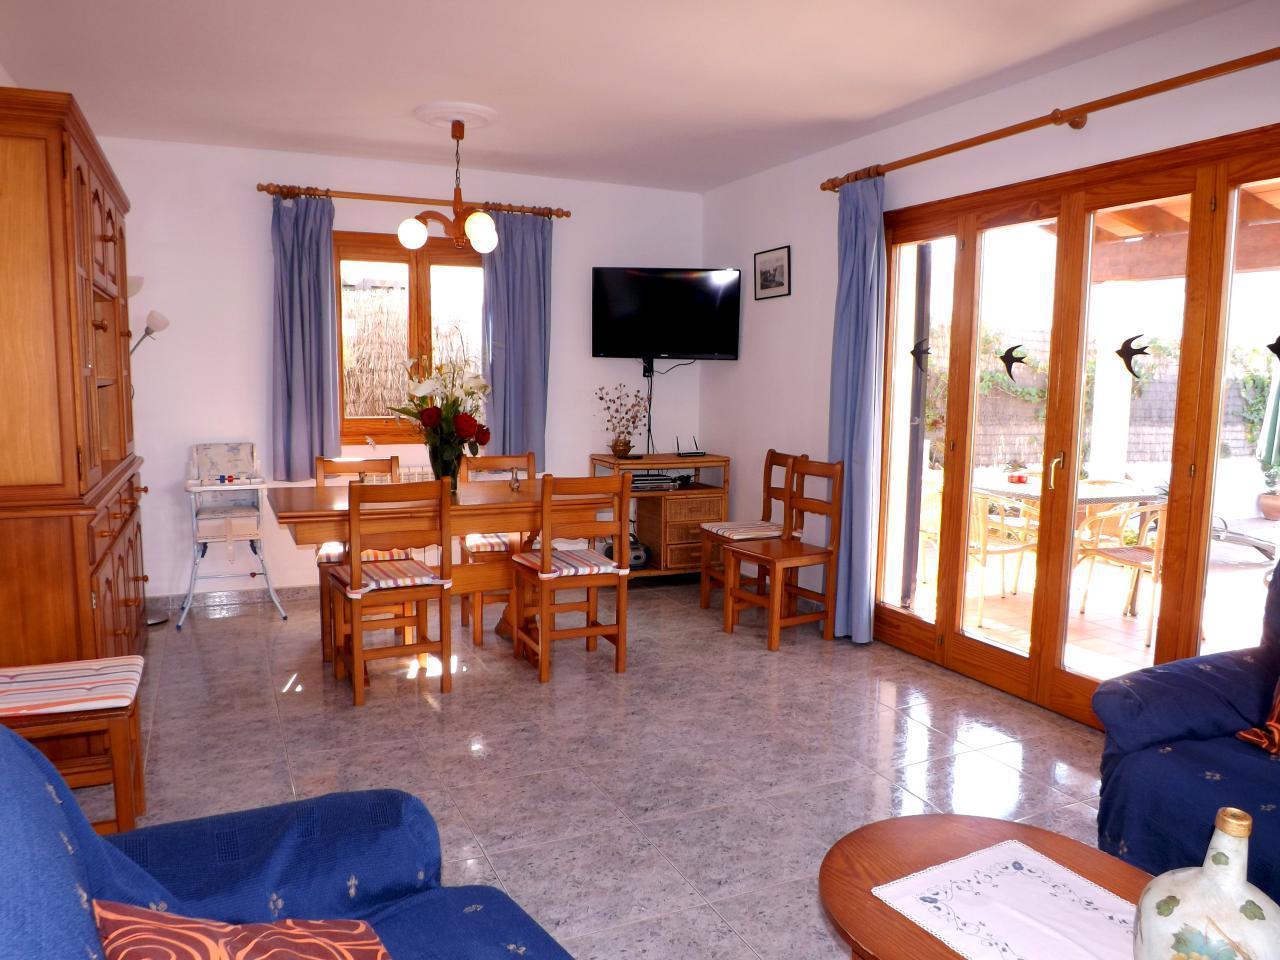 Ferienhaus Ferienhaus (594921), Cala d'Or, Mallorca, Balearische Inseln, Spanien, Bild 16